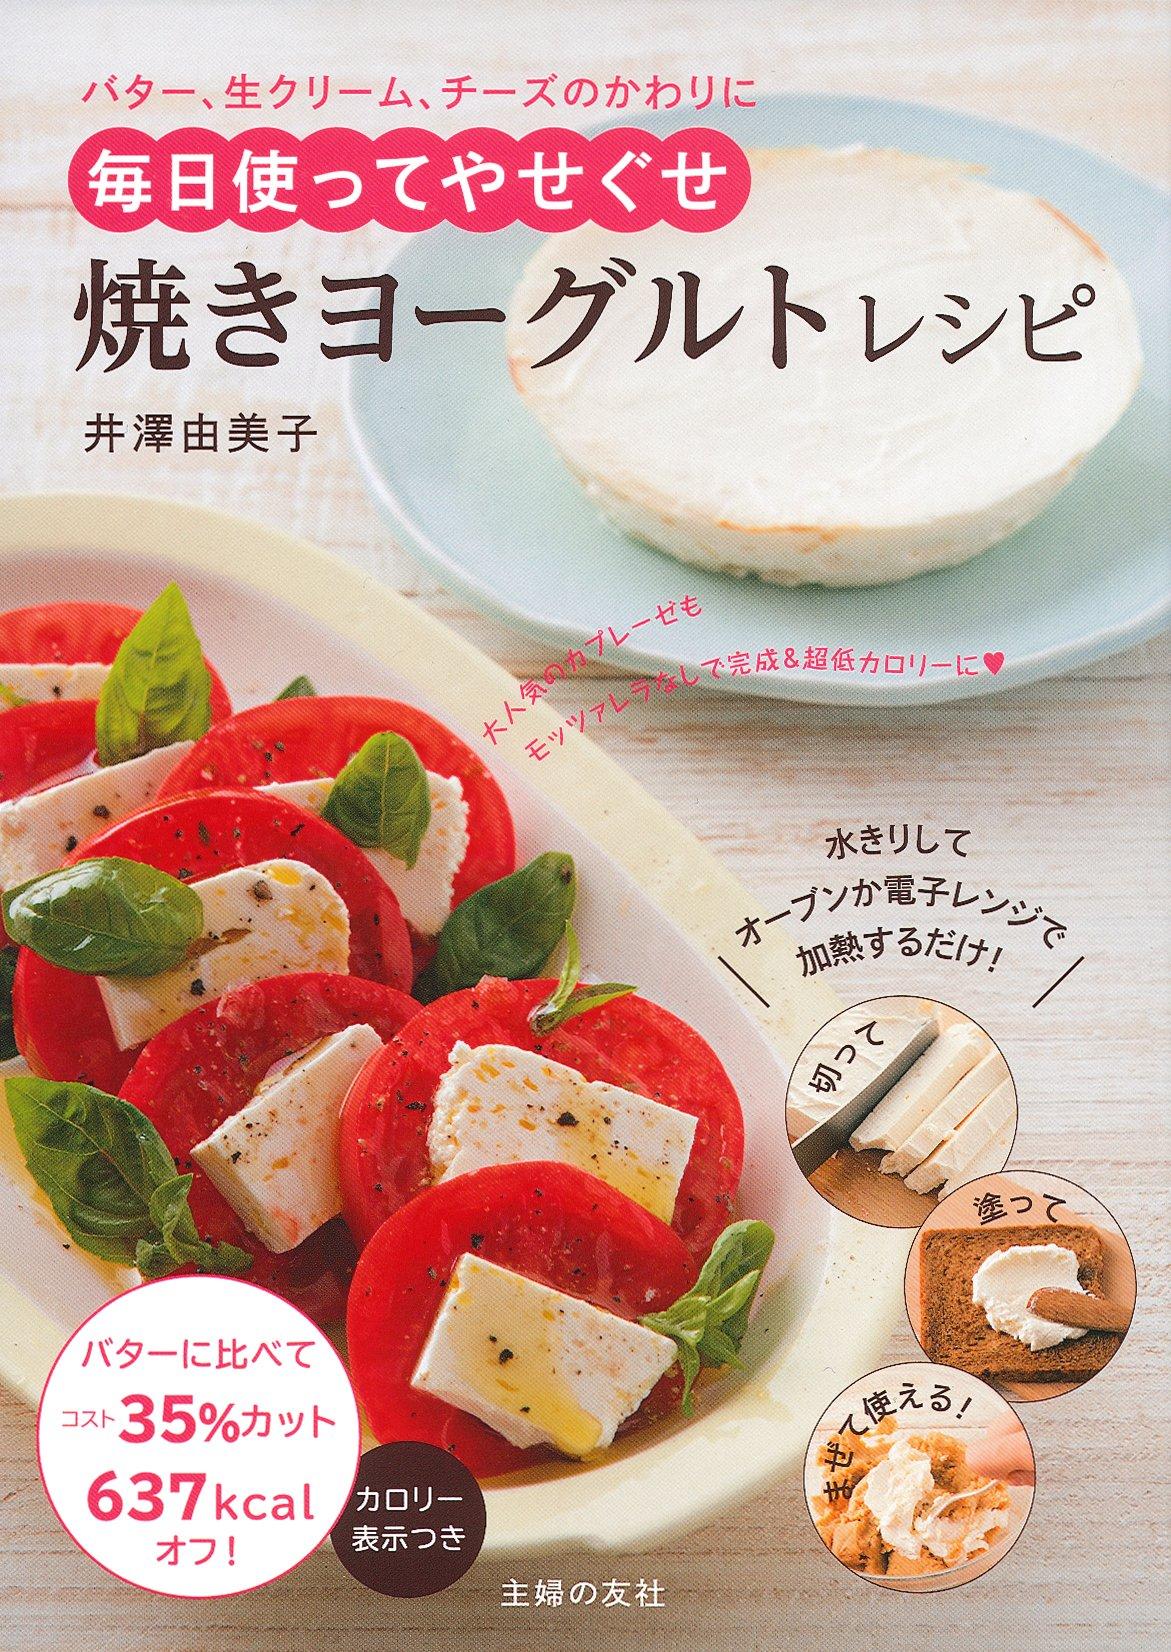 焼きヨーグルトレシピ ―バター、生クリーム、チーズのかわりに 毎日使ってやせぐせ | 井澤 由美子